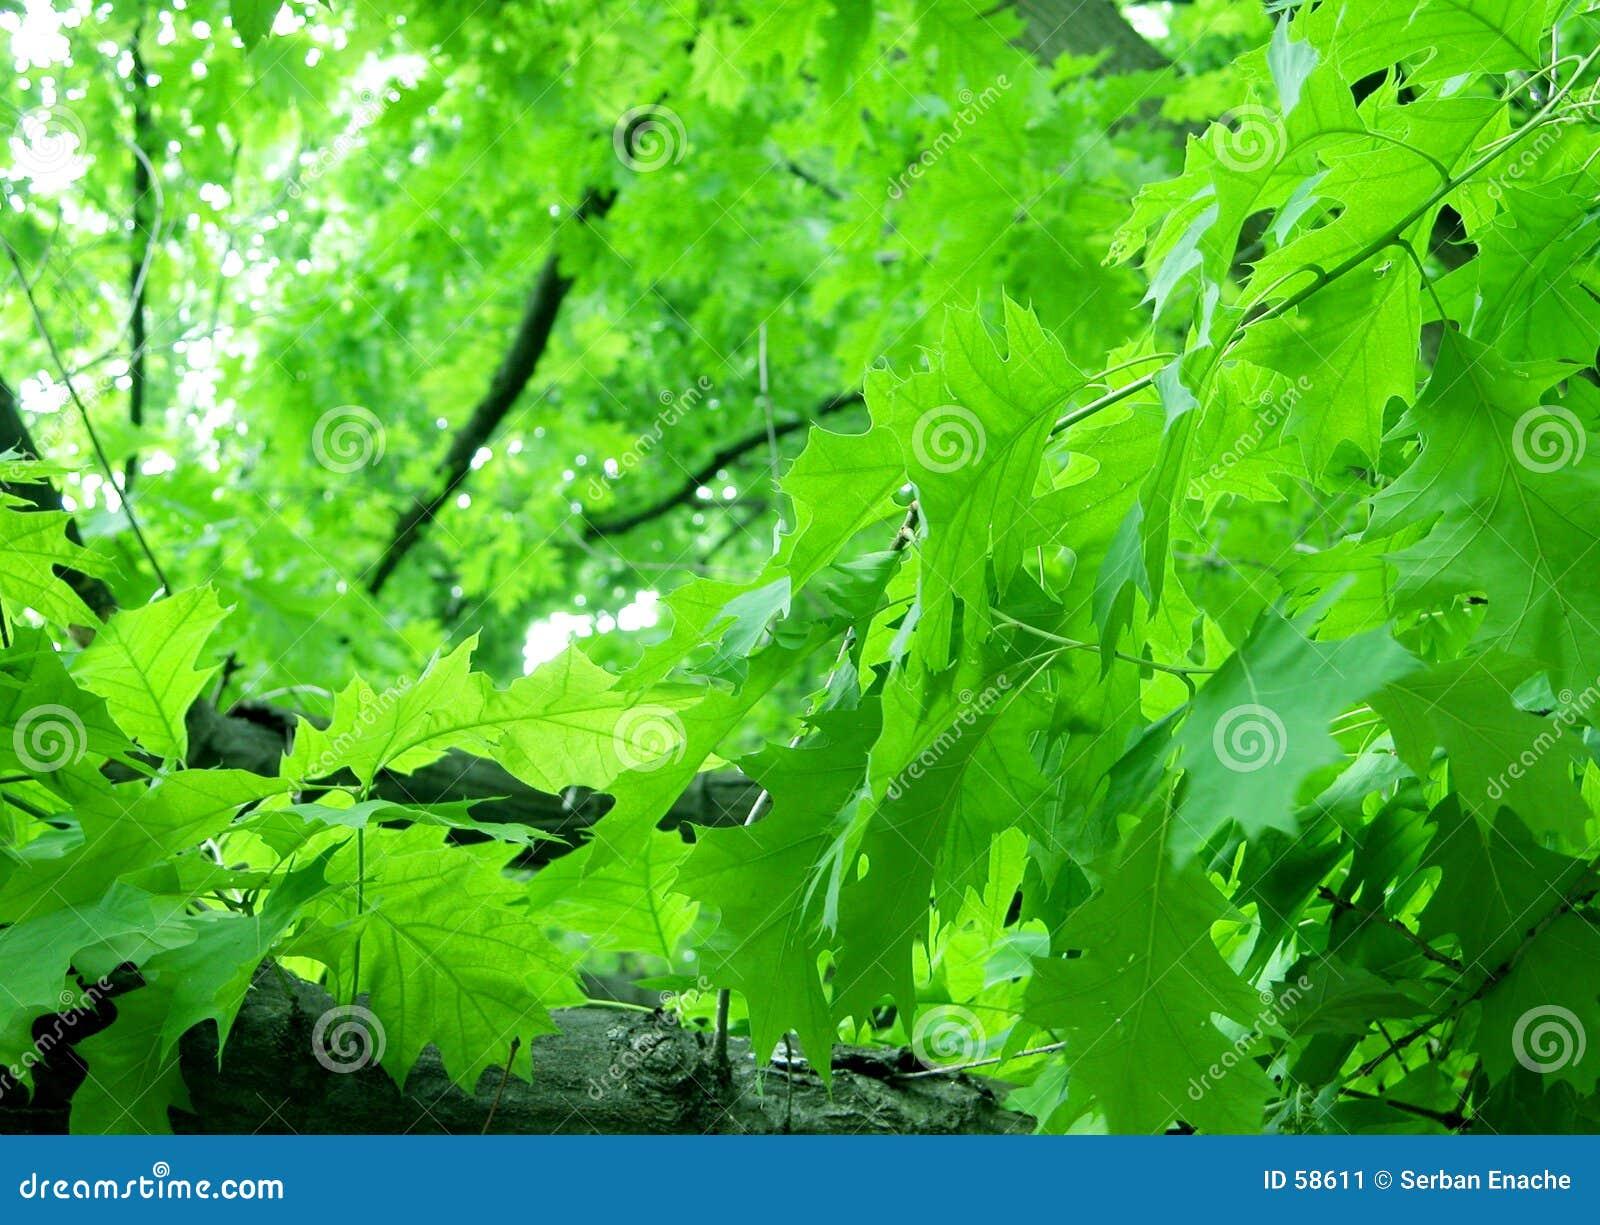 Download Feuillage vert image stock. Image du frais, chêne, lames - 58611